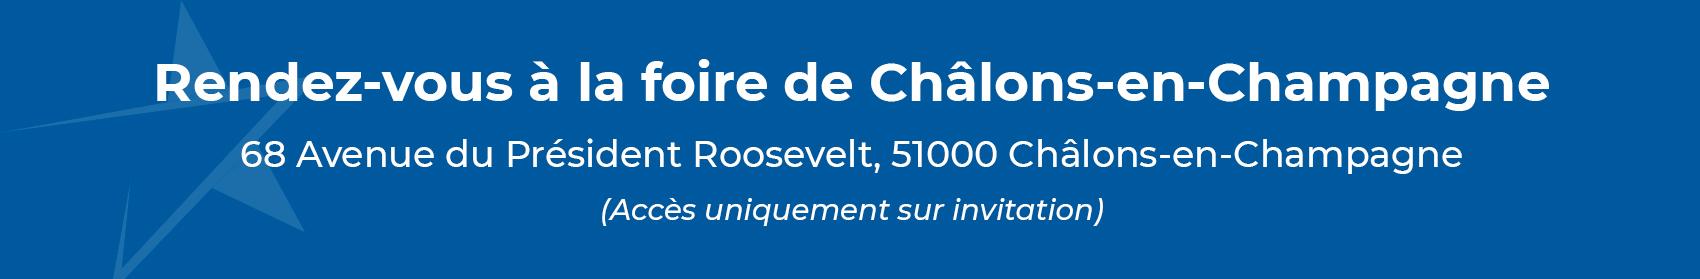 Rendez-vous à la foire de Châlons-en-Champagne